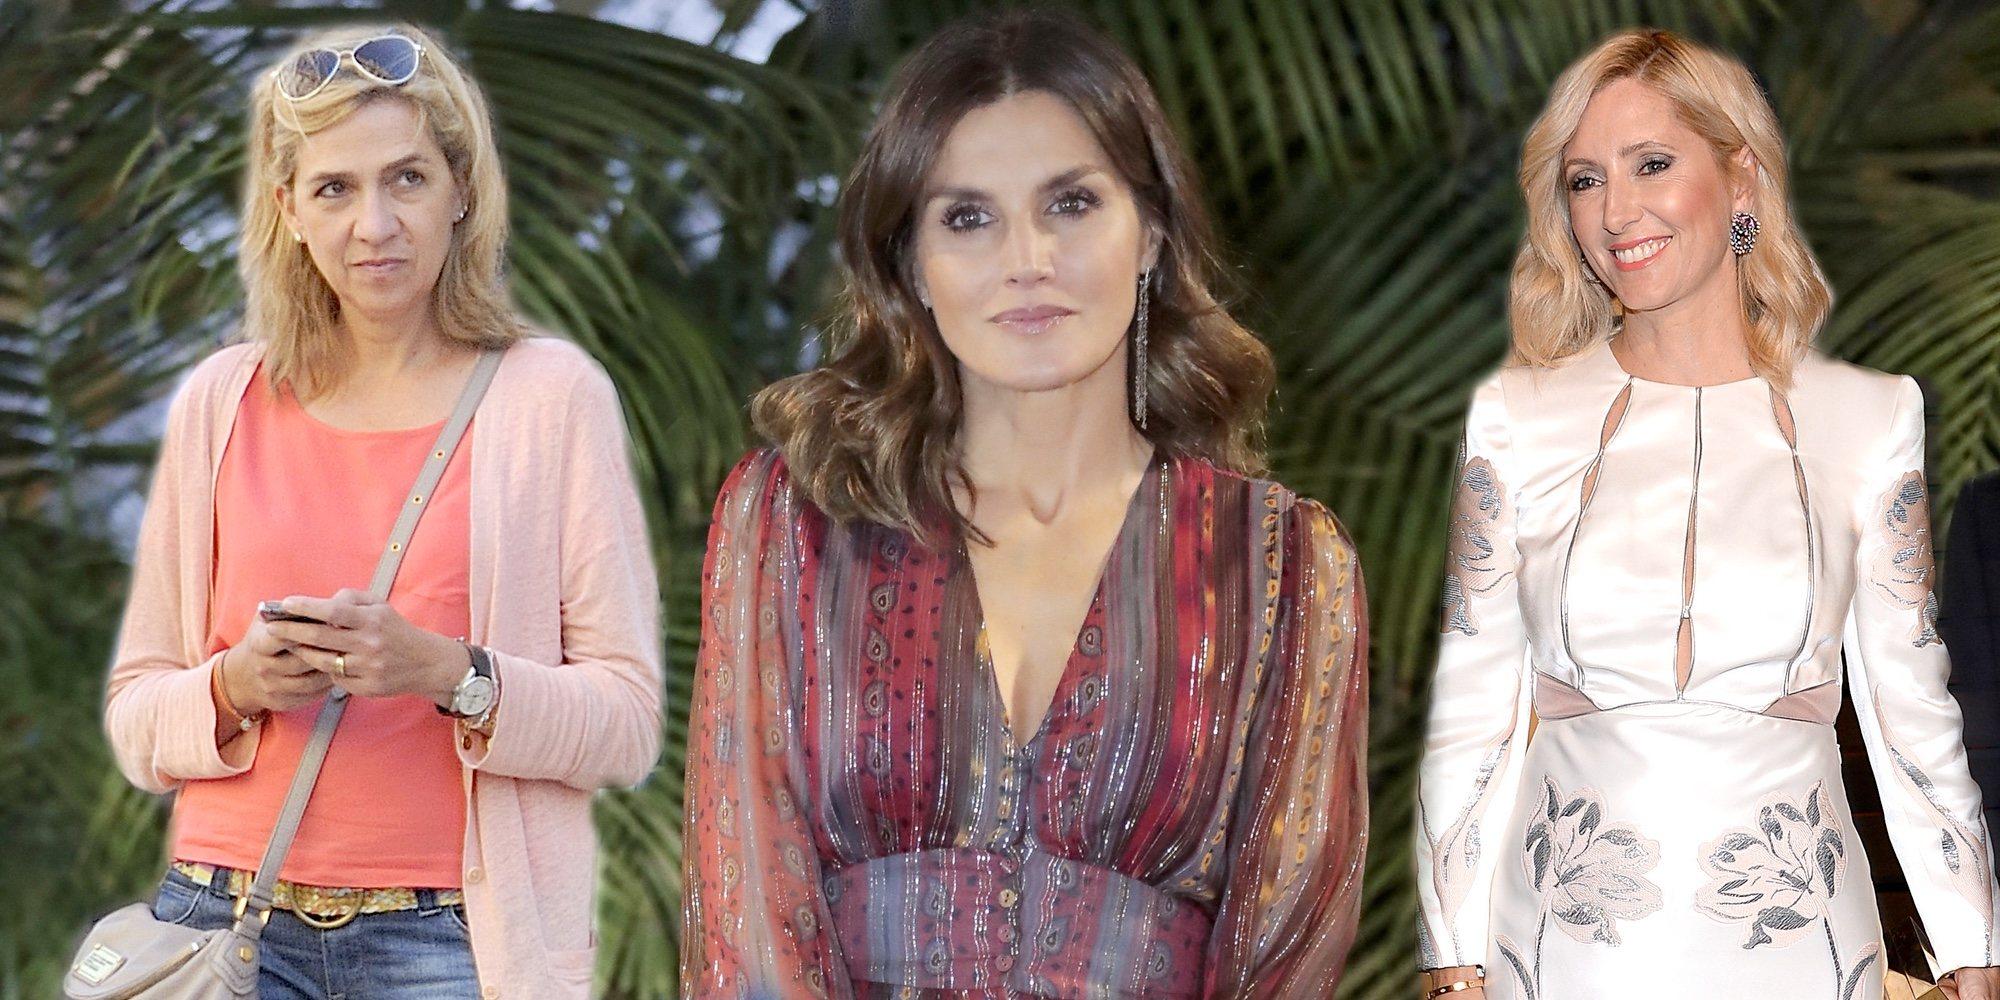 El cara a cara de la Reina Letizia con la Infanta Cristina y Marie Chantal de Grecia que difícilmente podrá evitar